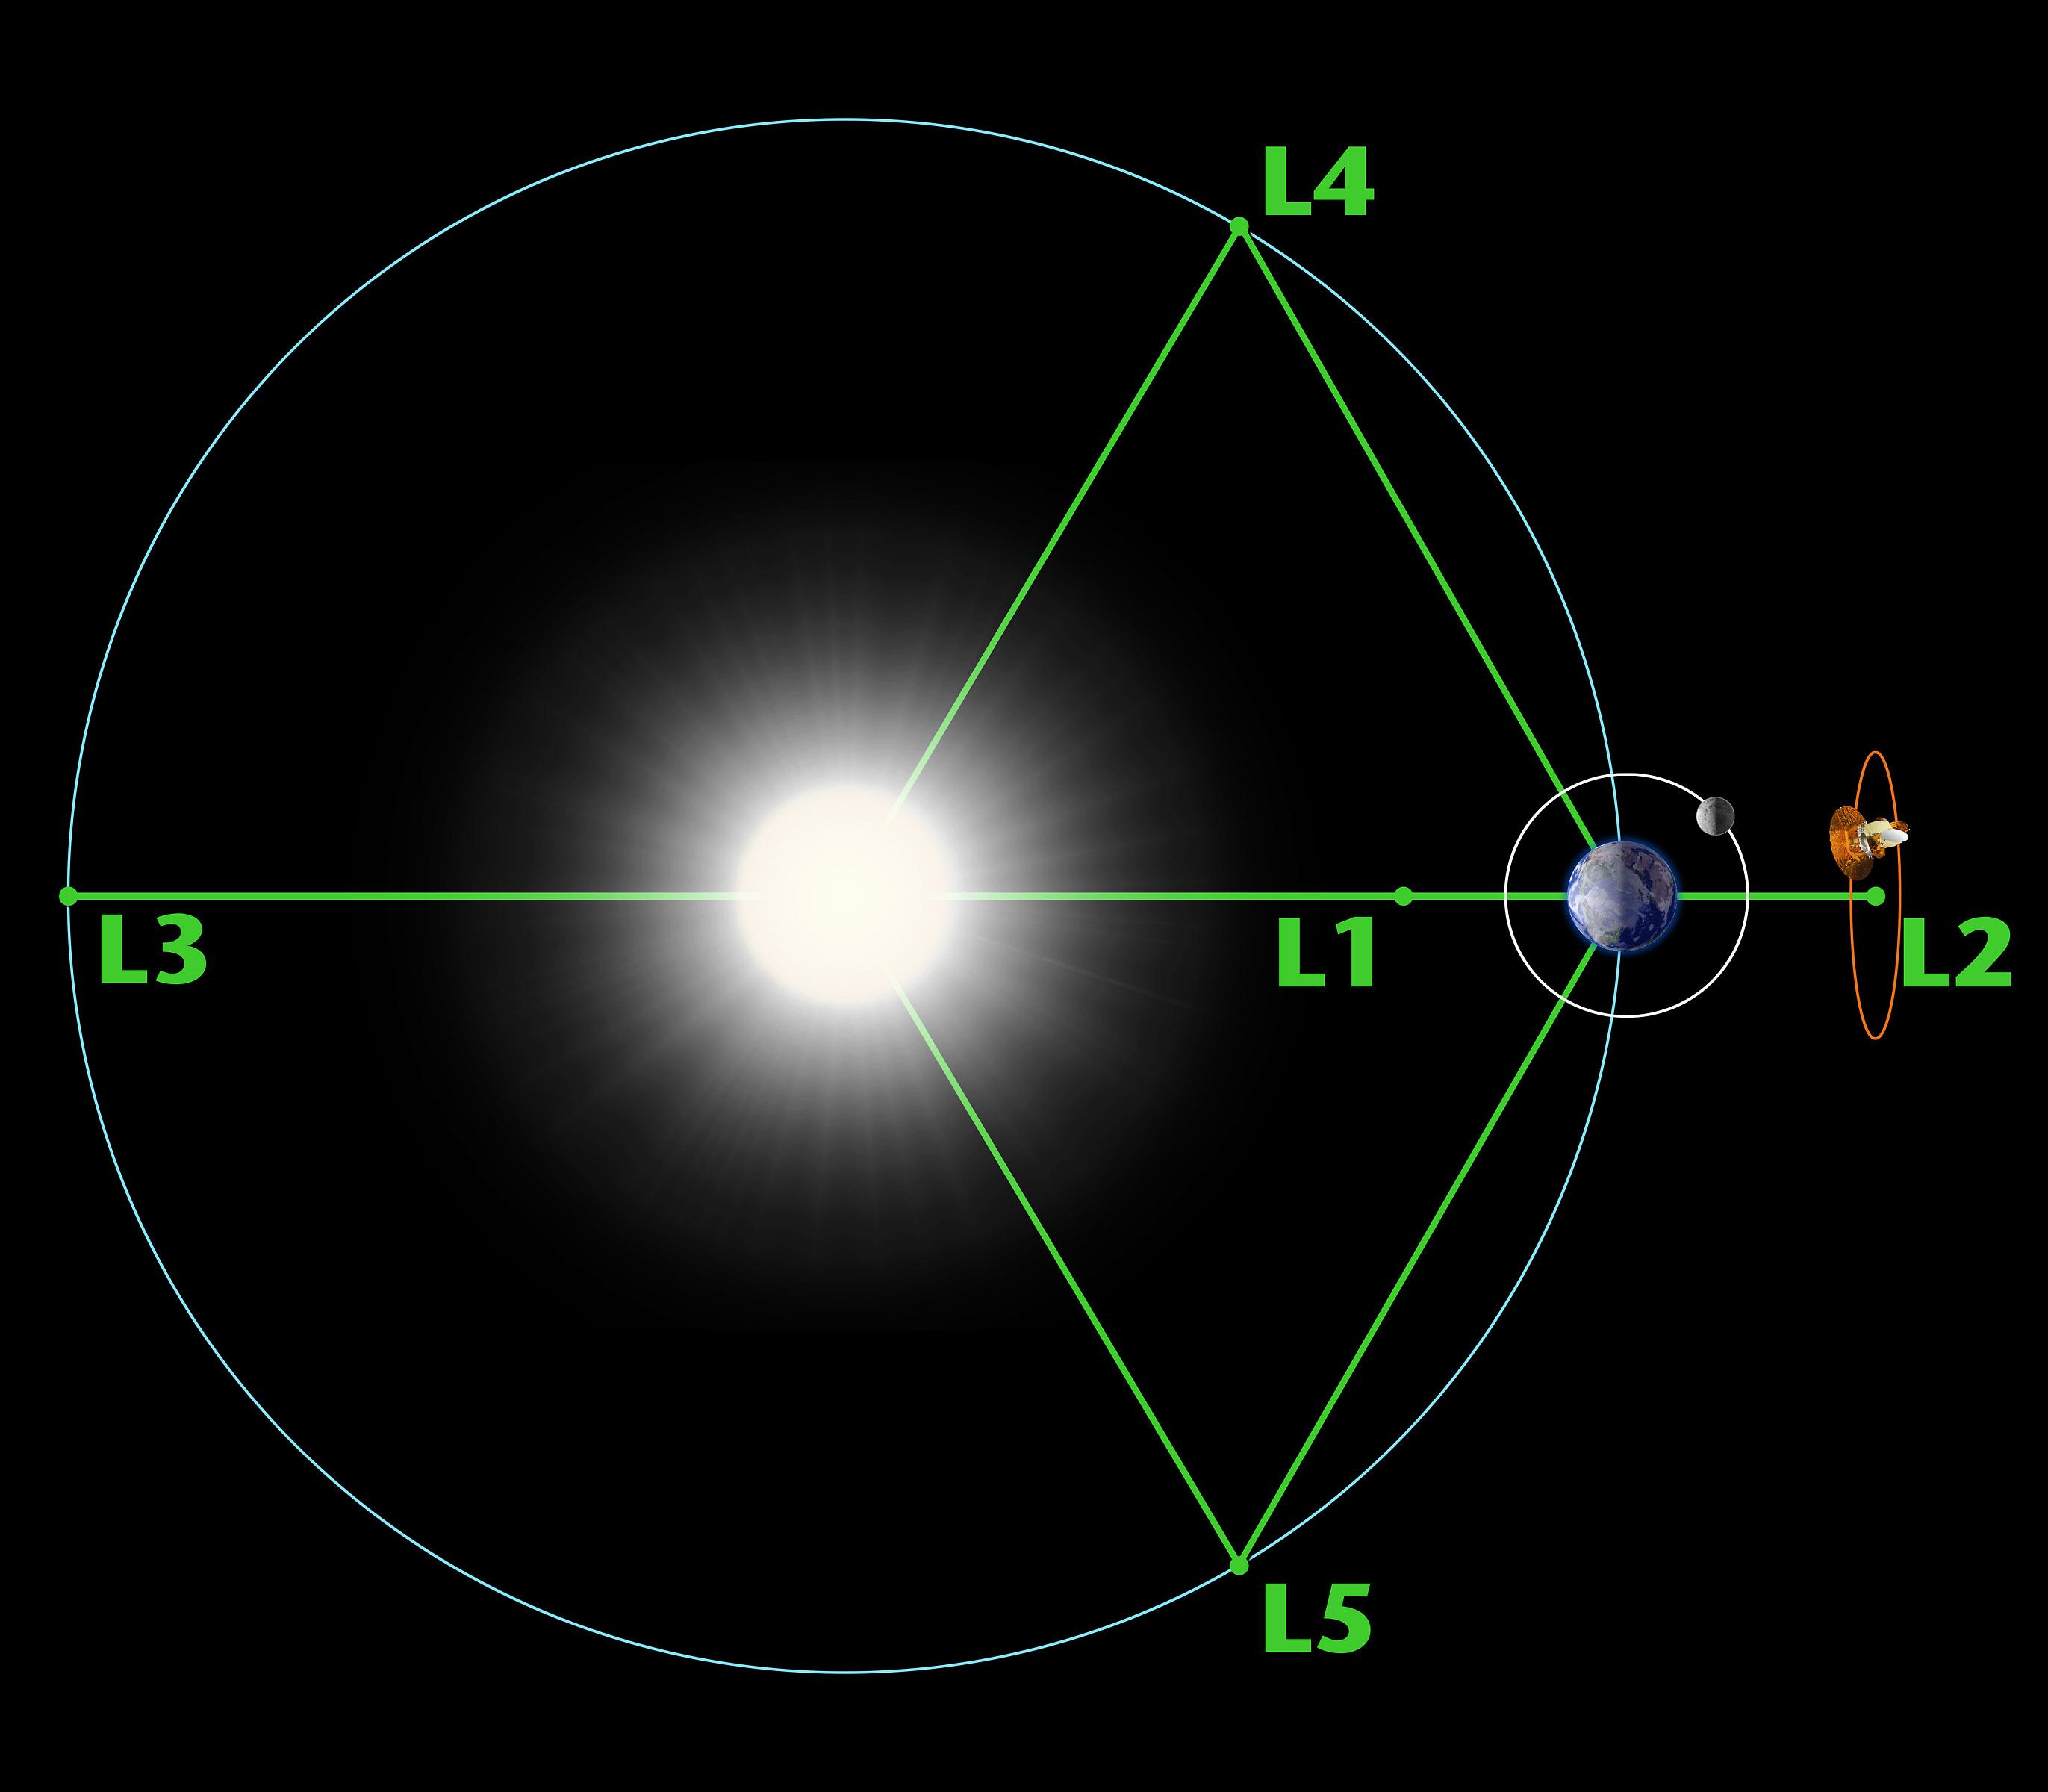 L'ESA sta costruendo una sonda da lanciare su una cometa del Sistema Solare 1